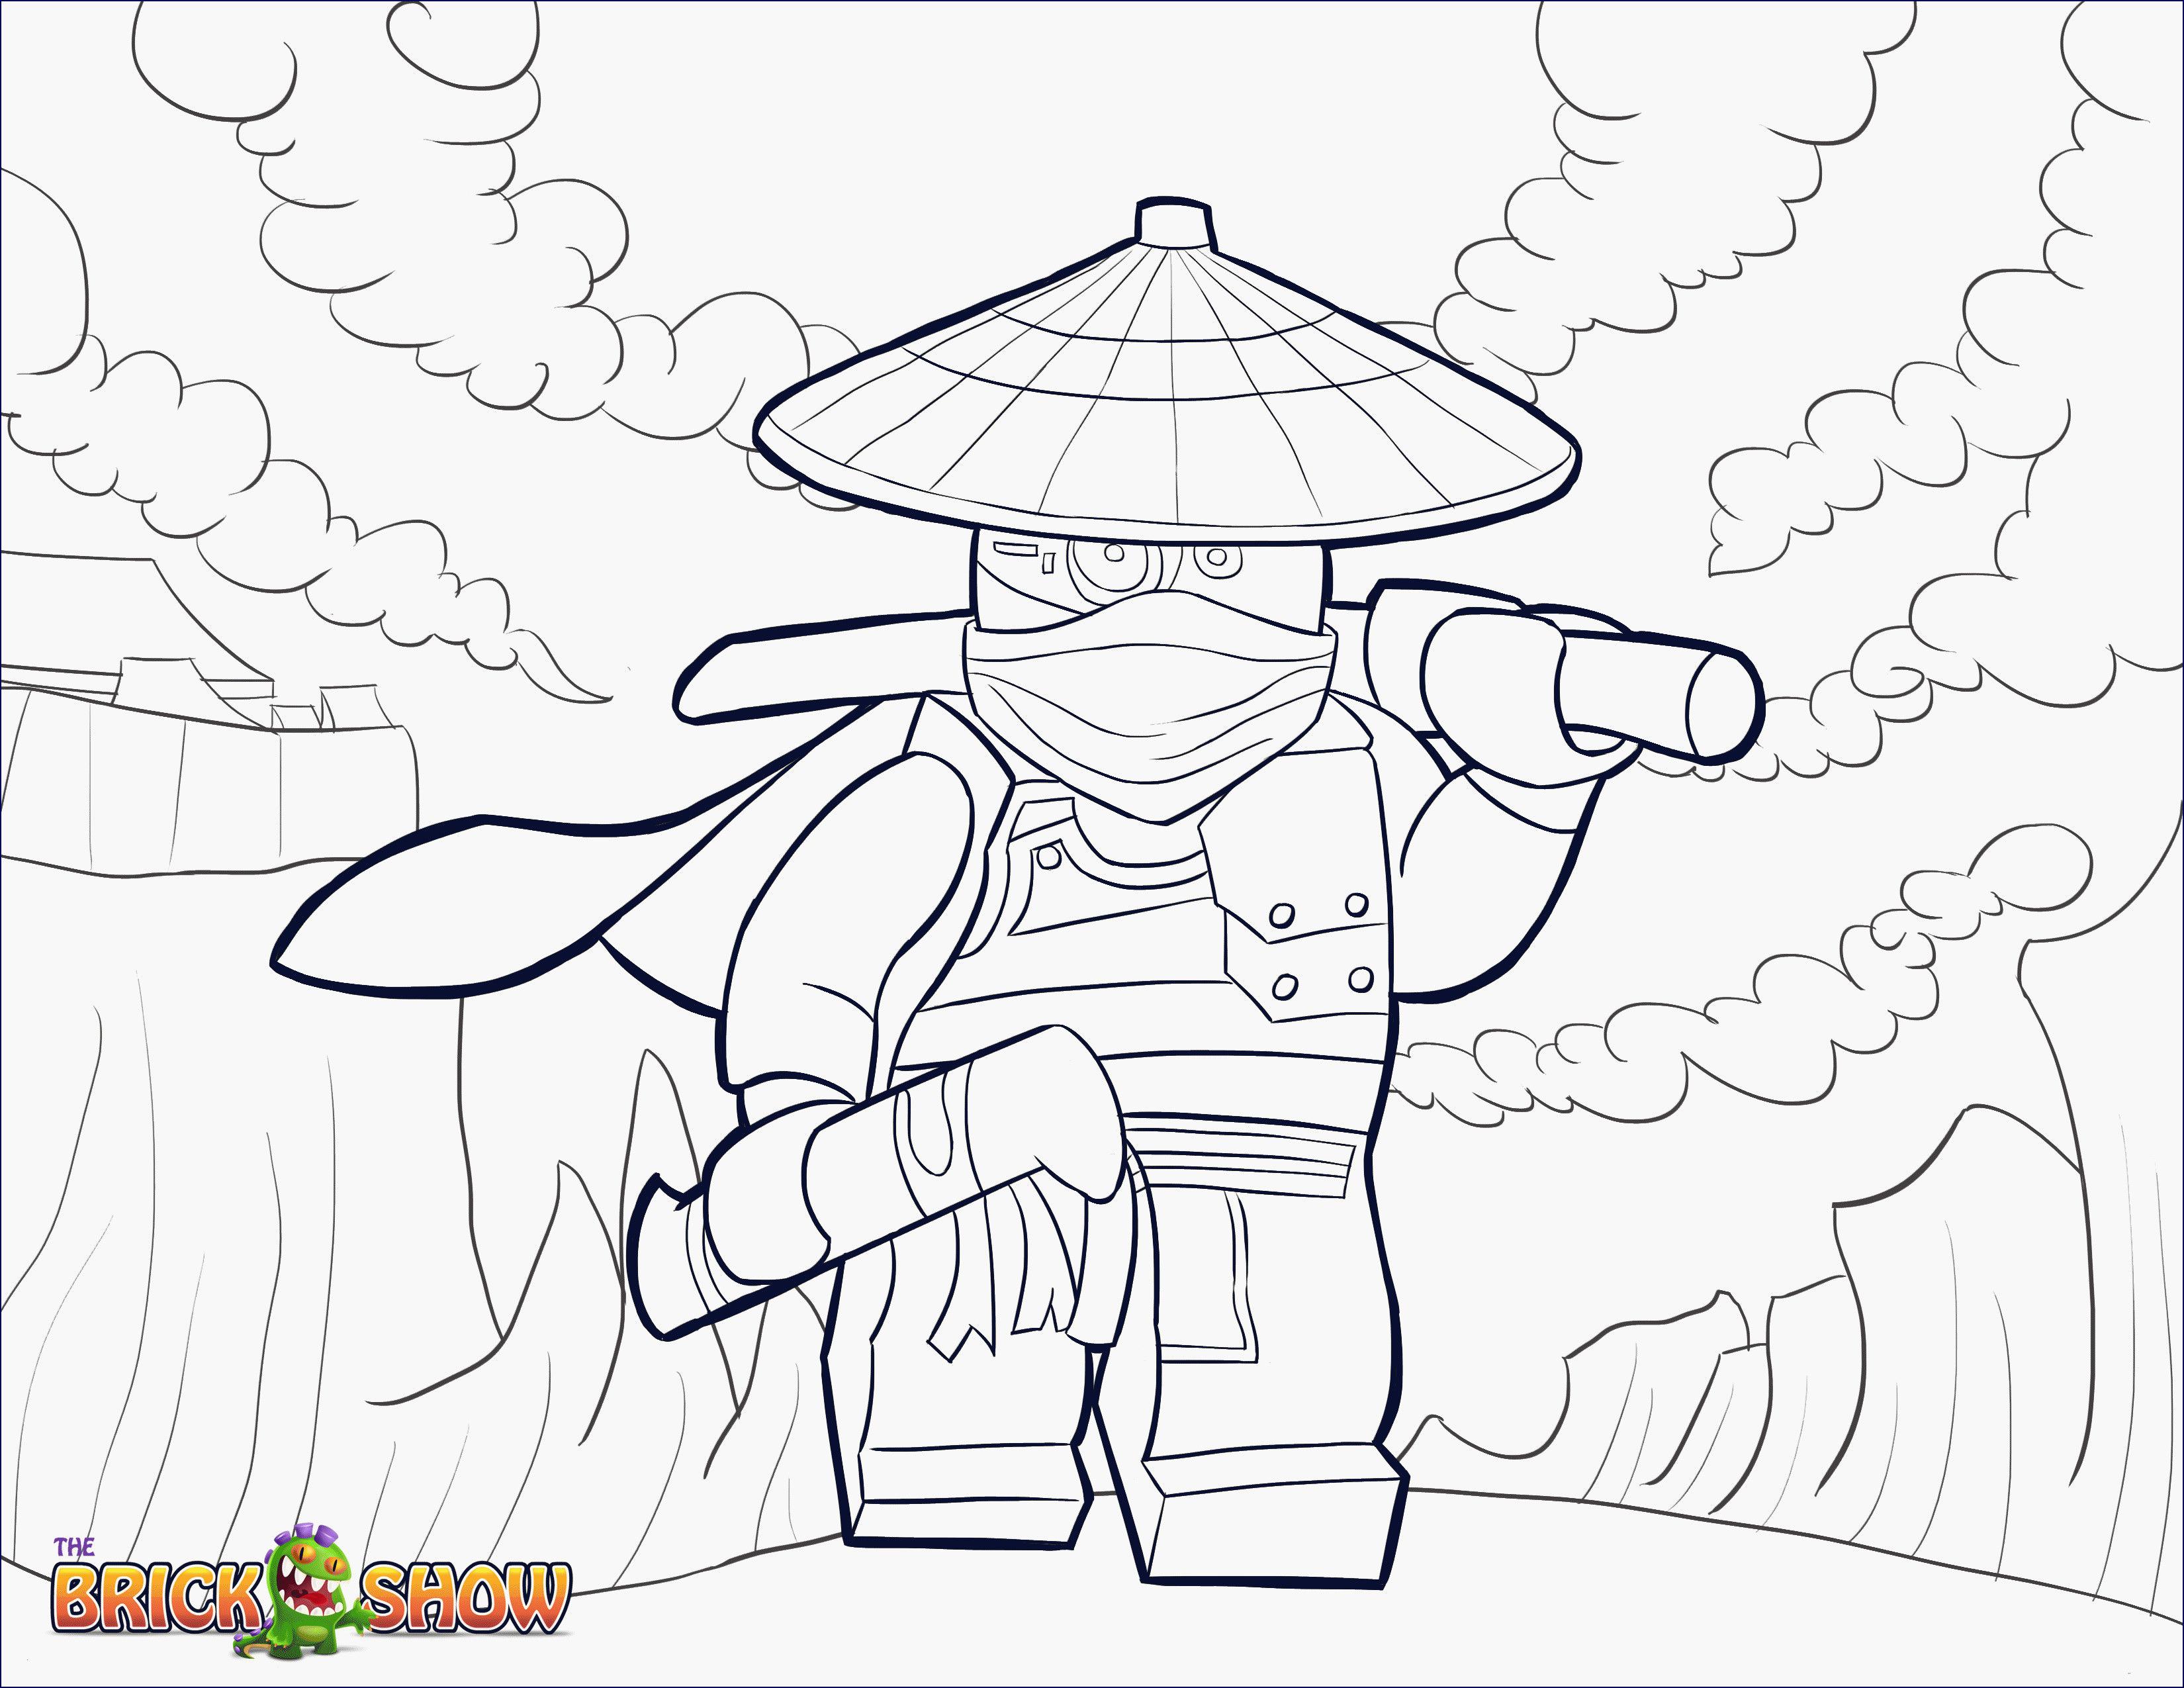 Ausmalbild Ninjago Weihnachten Neu 21 Lego Ninjago Coloring Pages Collection Coloring Sheets Sammlung